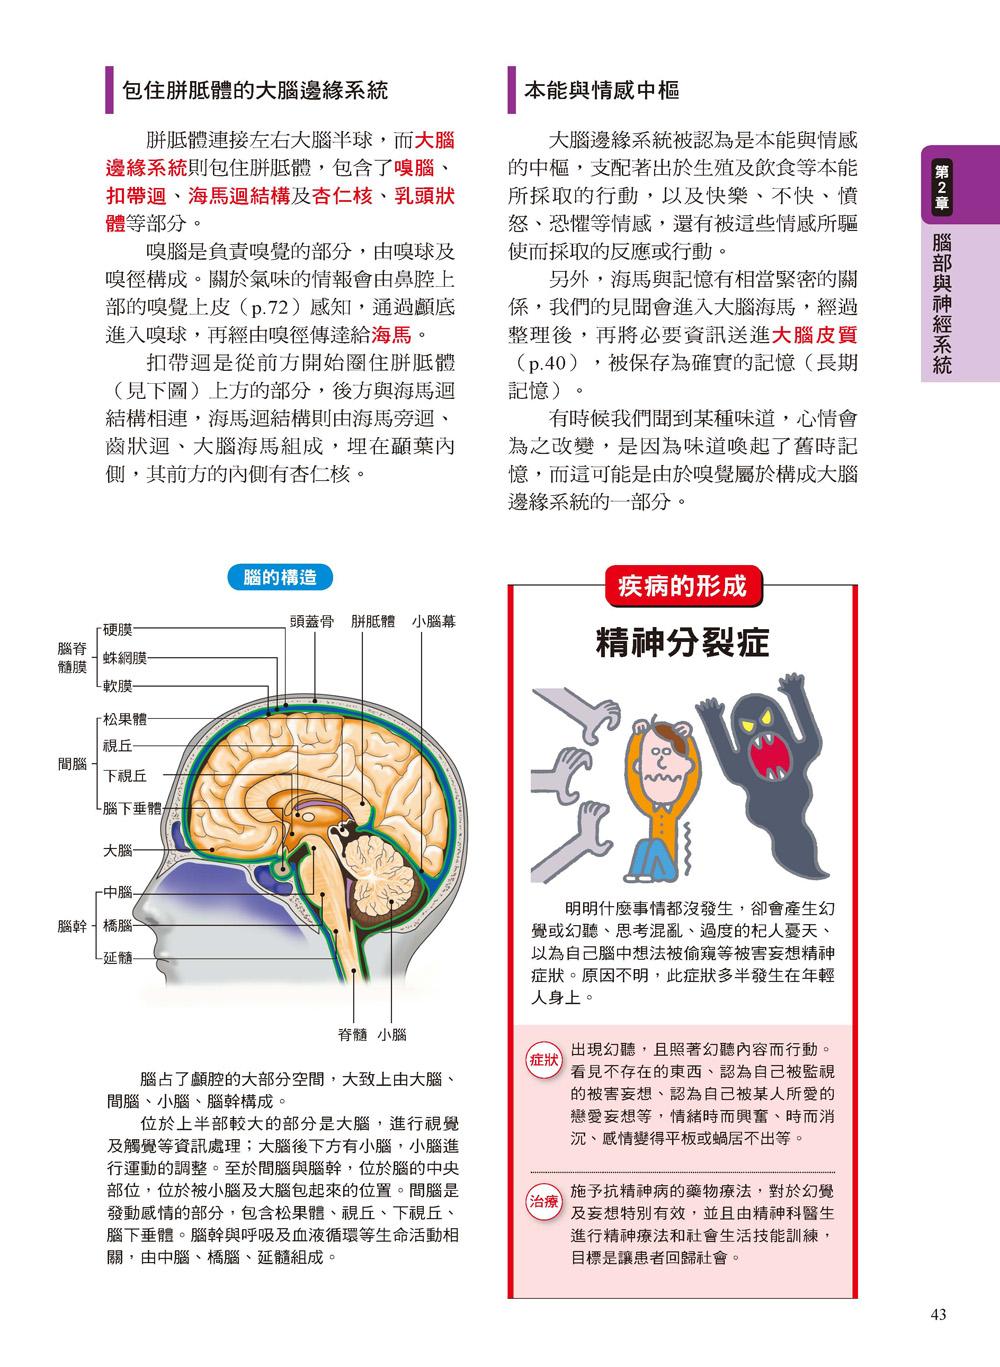 ►GO►最新優惠► [暢銷書]人體結構與疾病透視聖經:看不到的身體構造與疾病,3D立體完整呈現,比X光片更真實、比醫生解說更詳實(內附日本獨家授權3D立體動畫DVD光碟)